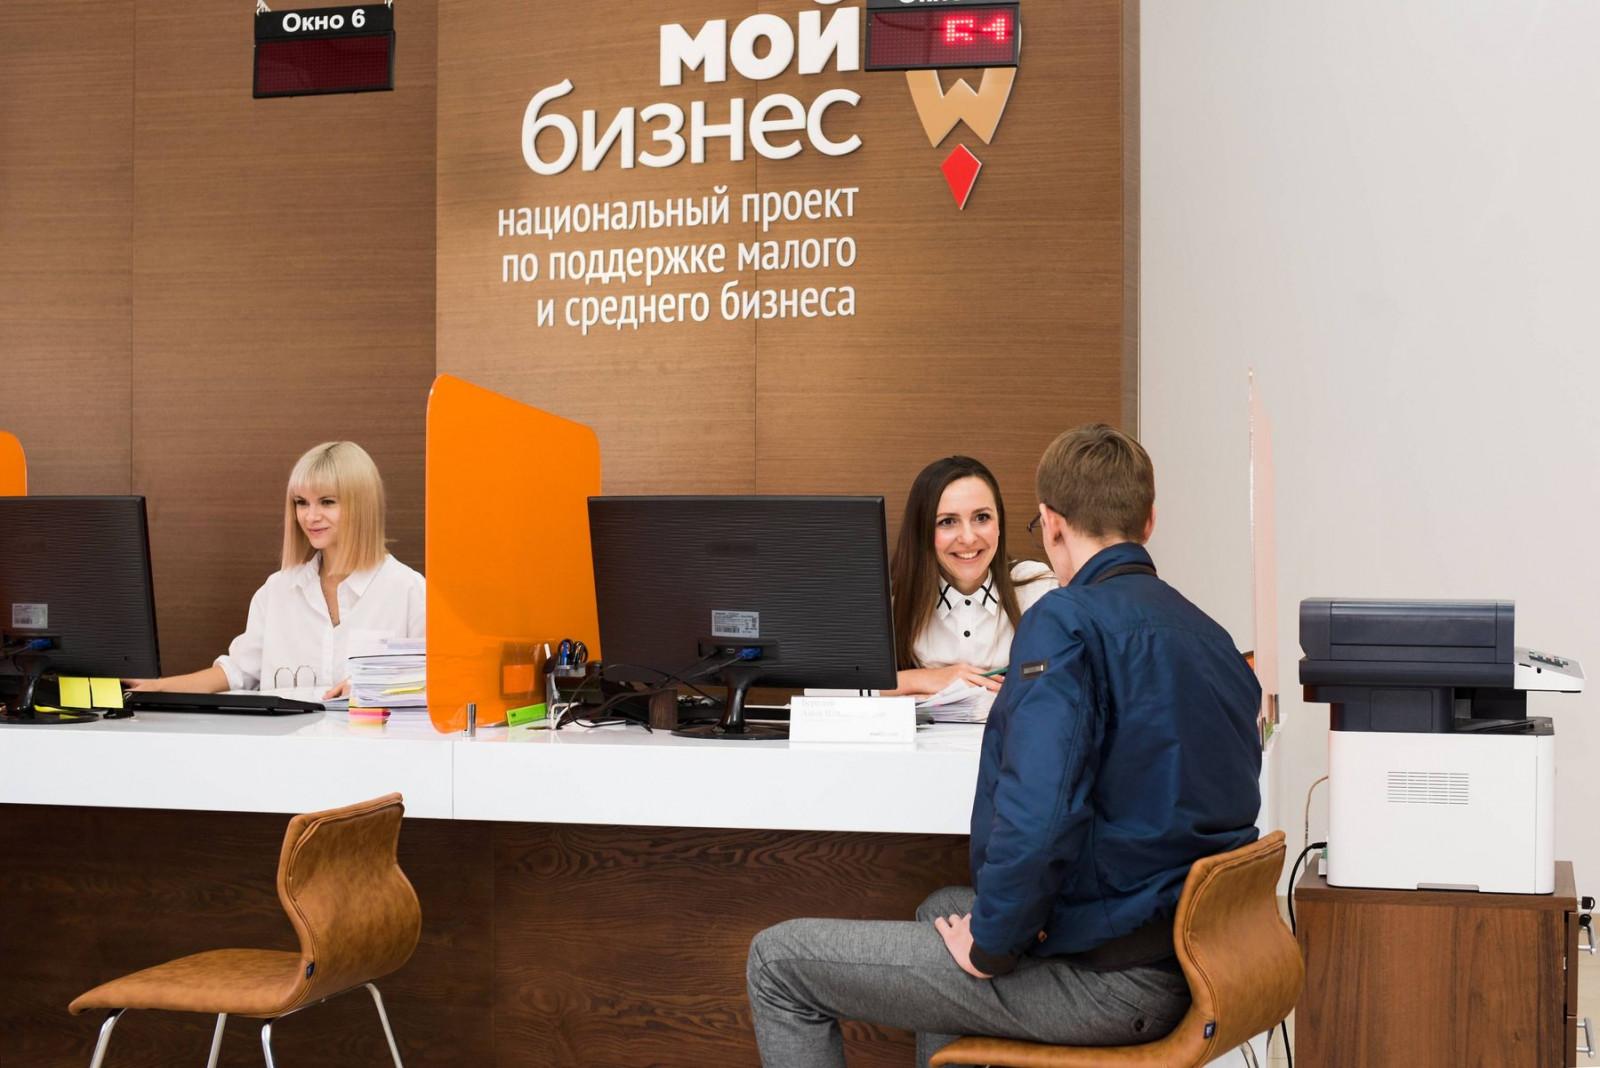 Центр поддержки малого бизнеса ИП БОБРОВА ЕЛЕНА ВЛАДИМИРОВНА